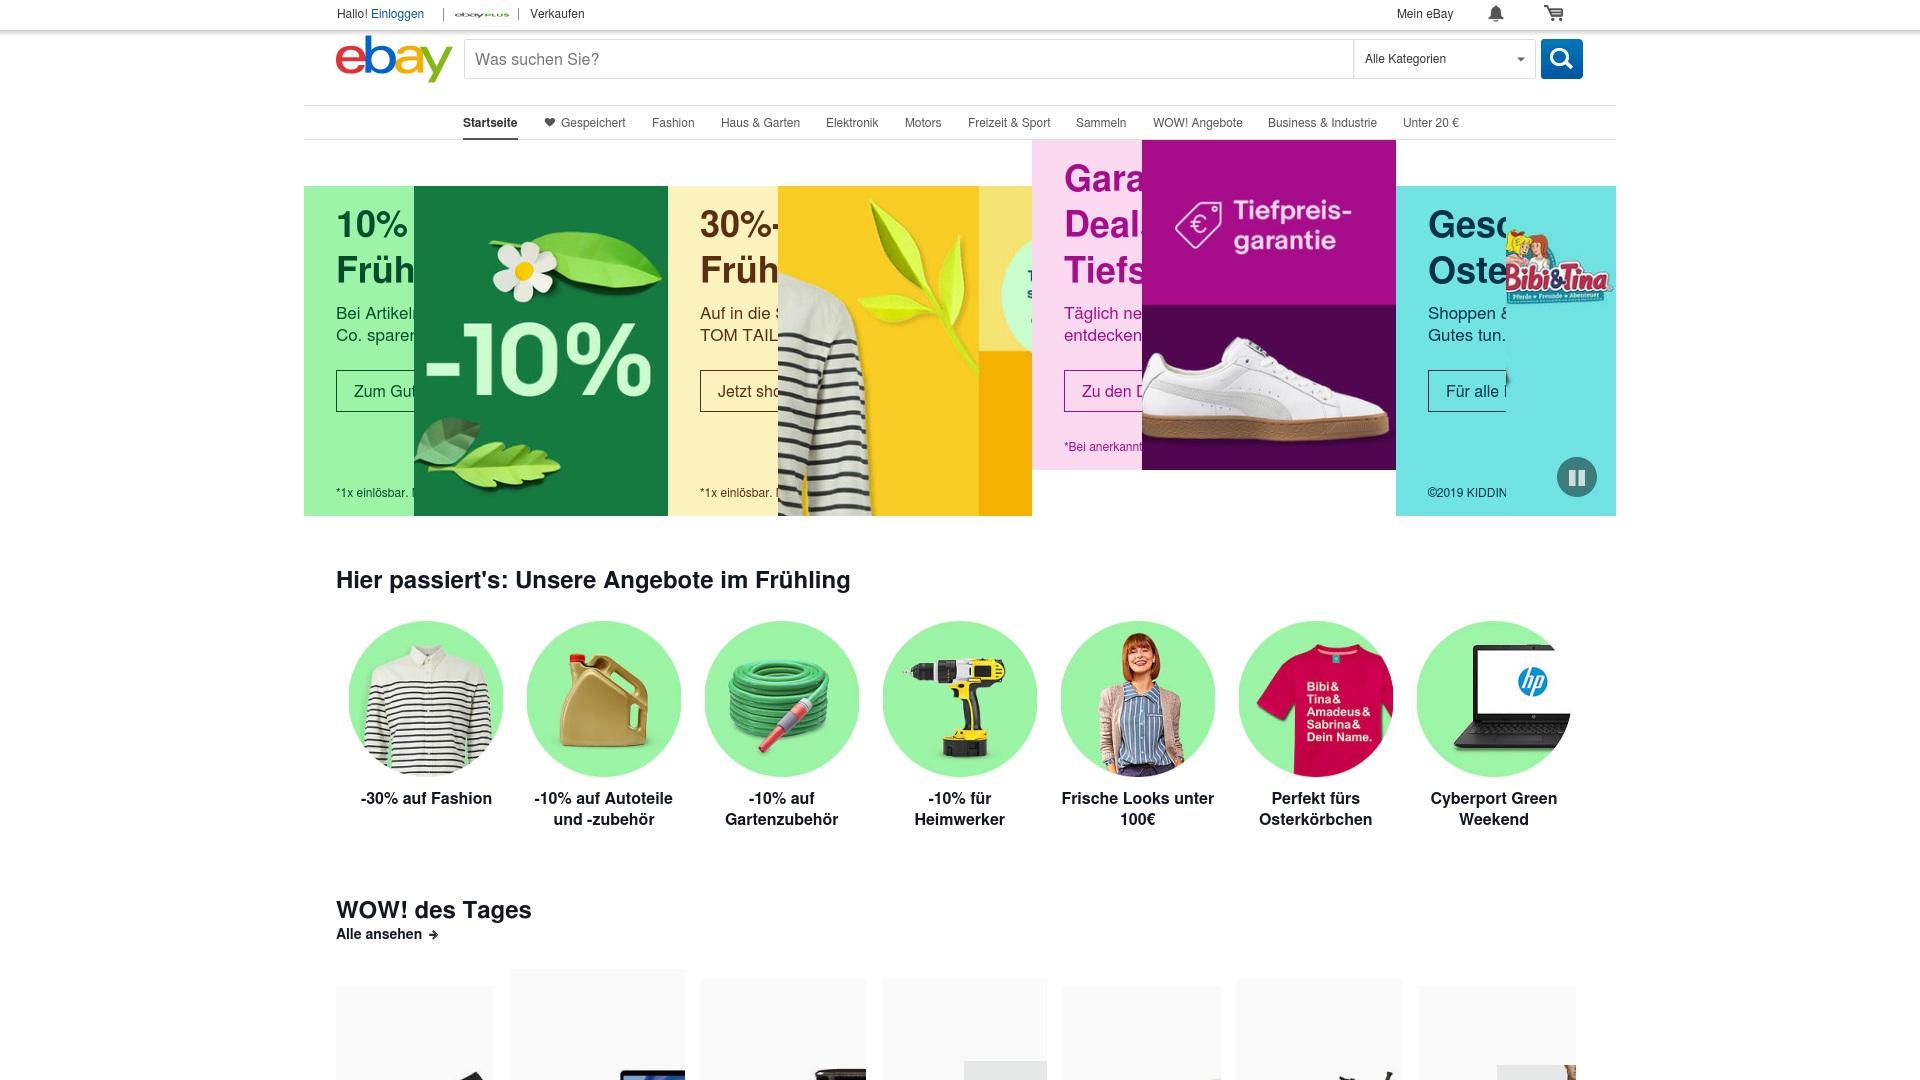 Geld zurück bei Ebay: Jetzt im Juli 2021 Cashback für Ebay sichern